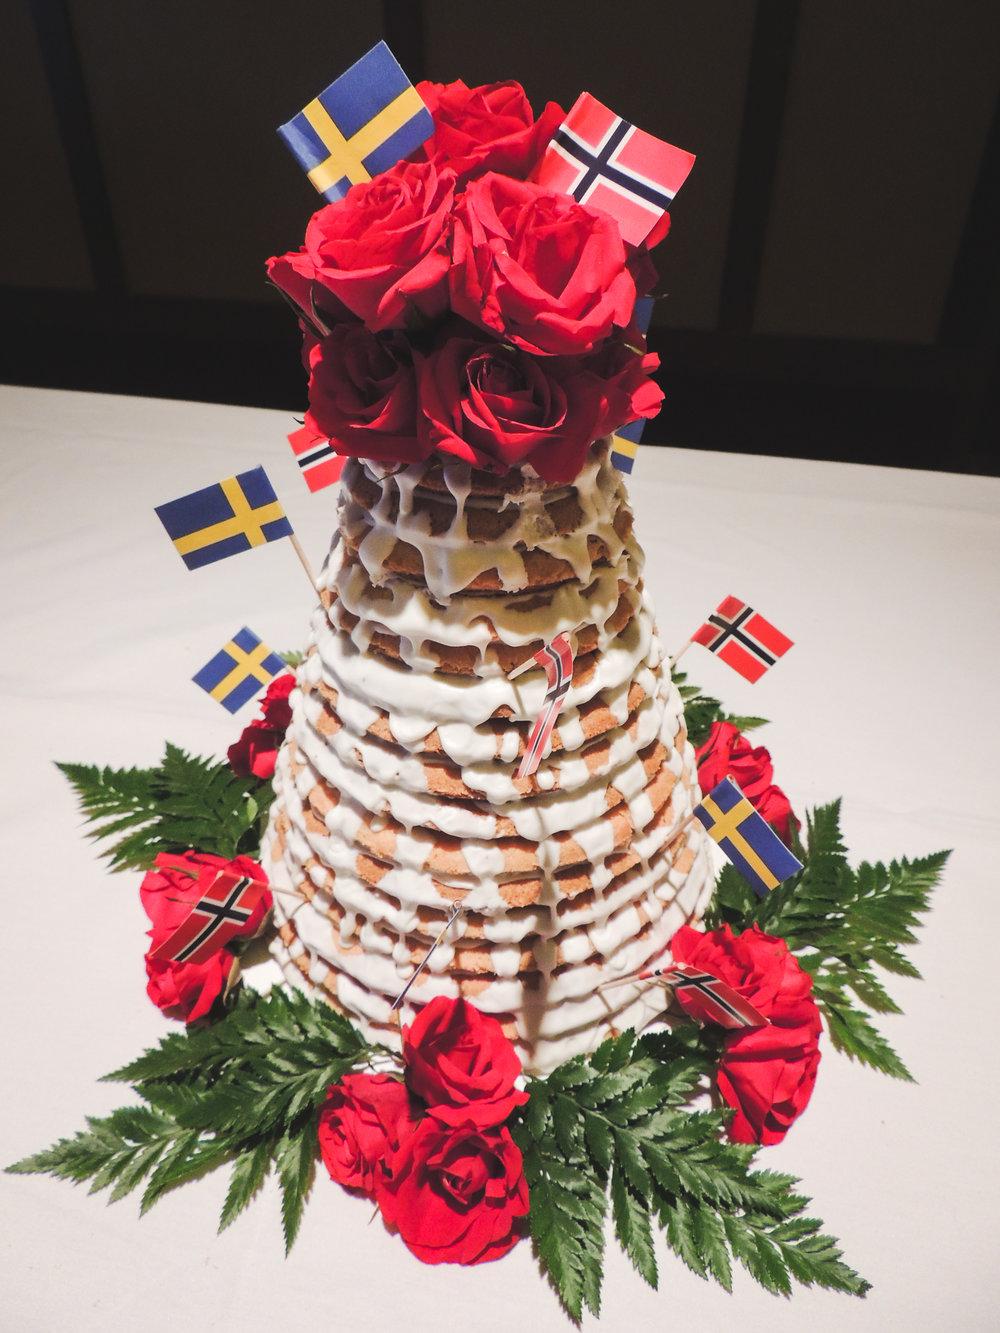 Jackie Edible Art Bakery Brainerd Wedding Cakes-64.jpg